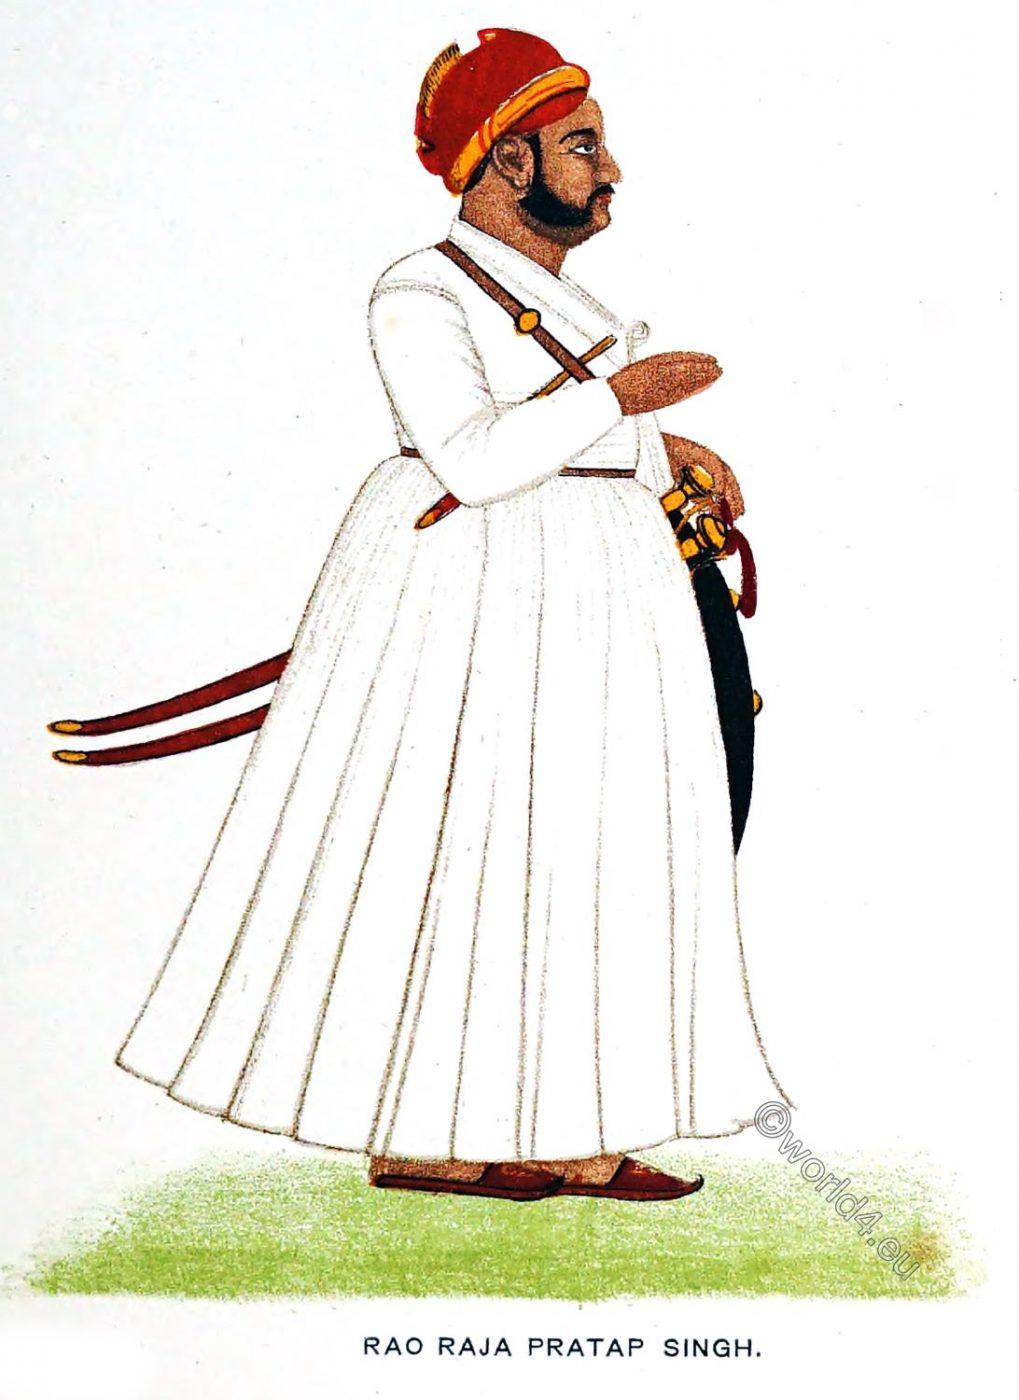 Rao Raja Pratap Singh, Alwar, India, Rajput, Rajasthan